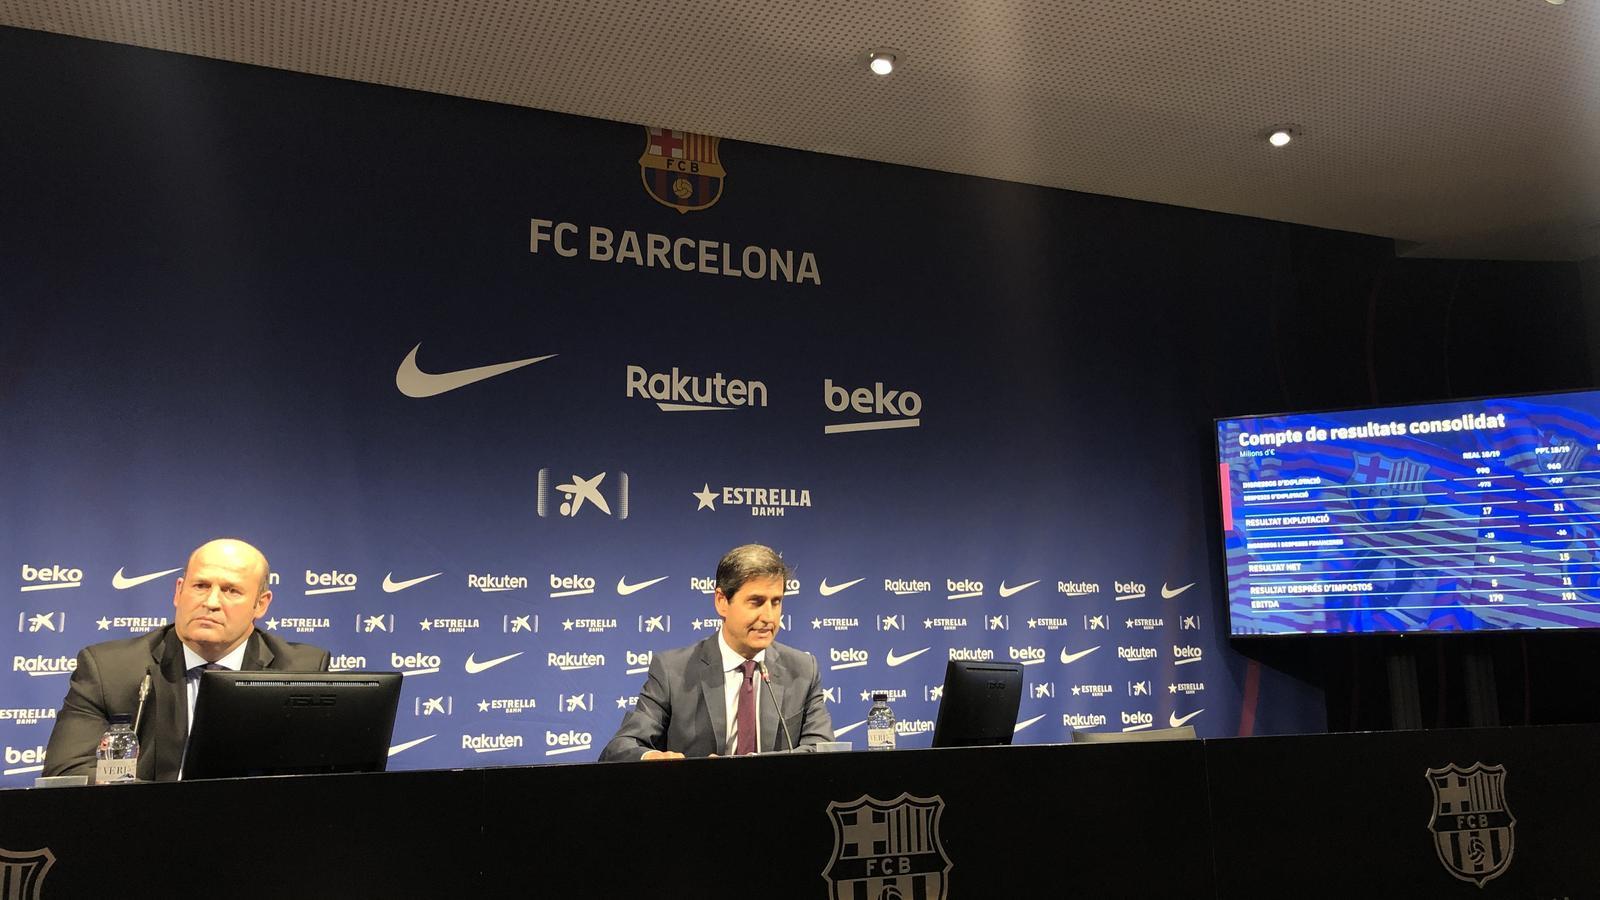 El Barça superarà els 1.000 milions tant en ingressos com en despeses